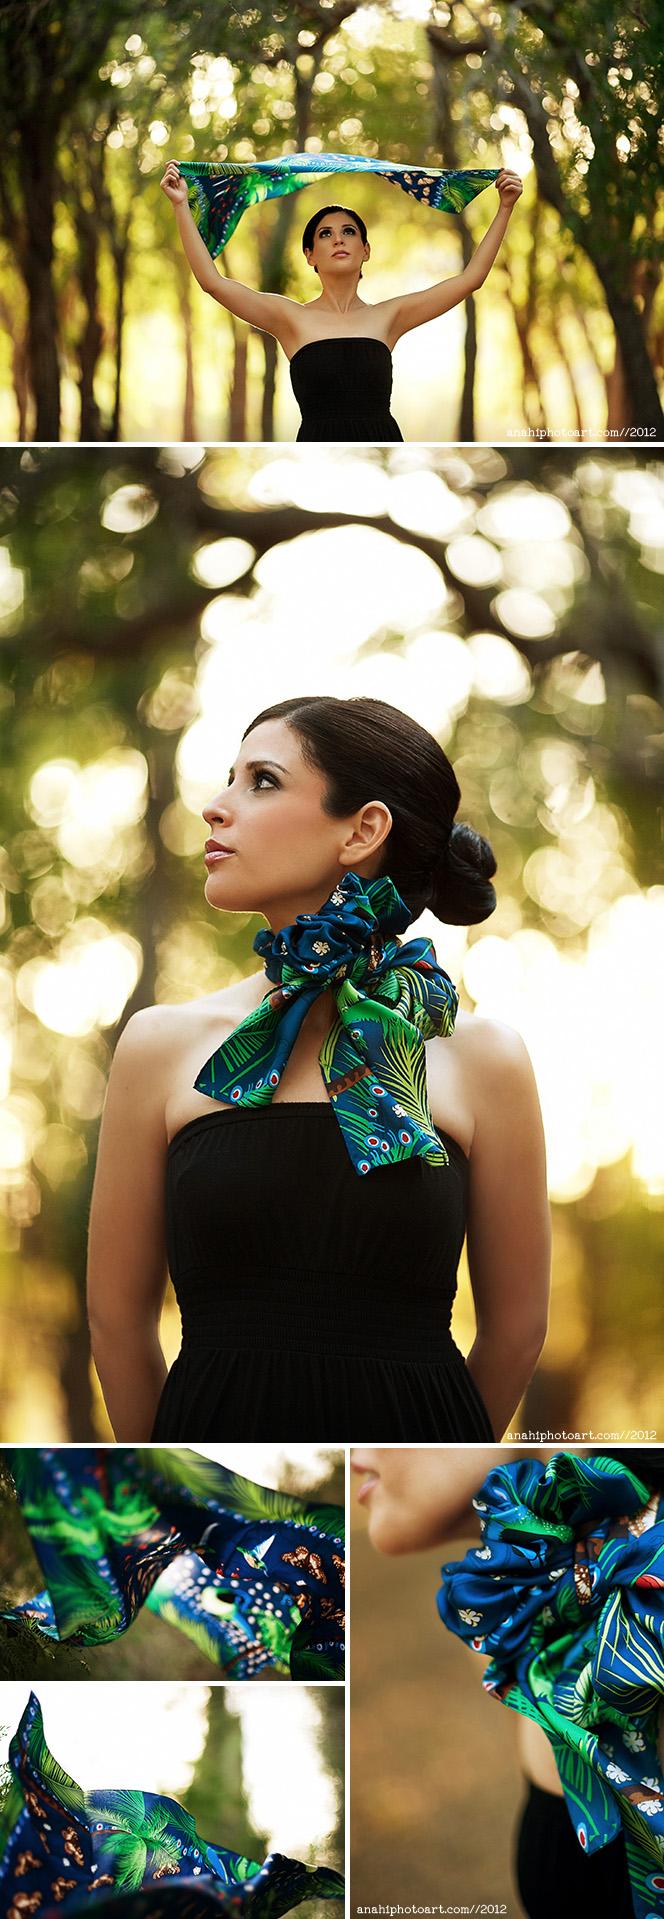 mcallen wedding venues, pineda covalin scarf, mcallen photographer